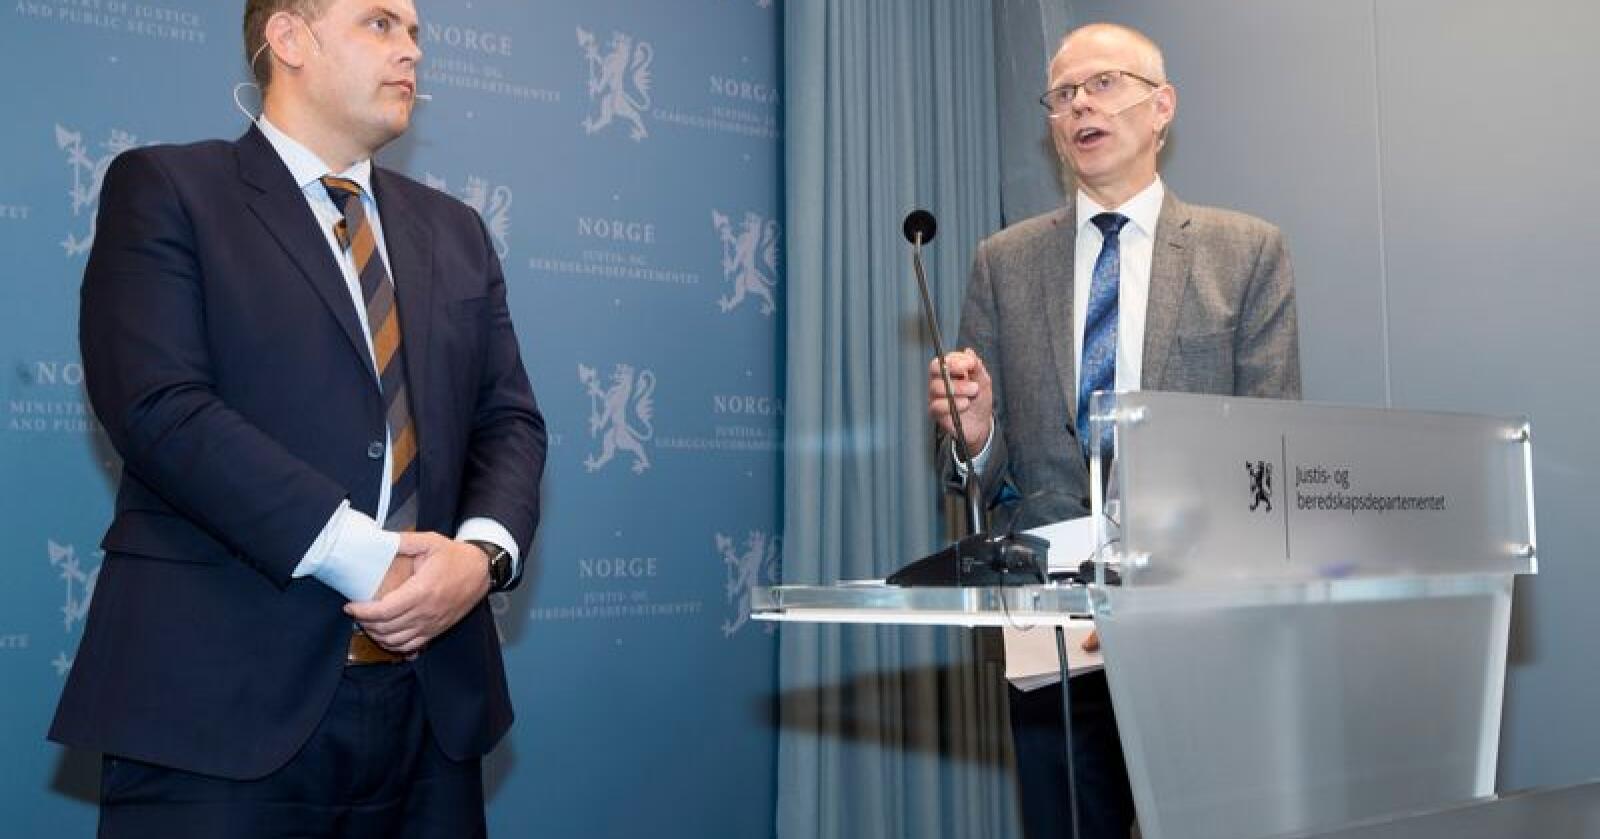 I forrige uke fikk justisminister Jøran Kallmyr (Frp) overlevert rapporten fra lederen i Domstolkommisjonen, Yngve Svendsen. Kommisjonen foreslår å legge ned over halvparten av landets domstoler. Foto: Terje Pedersen / NTB scanpix